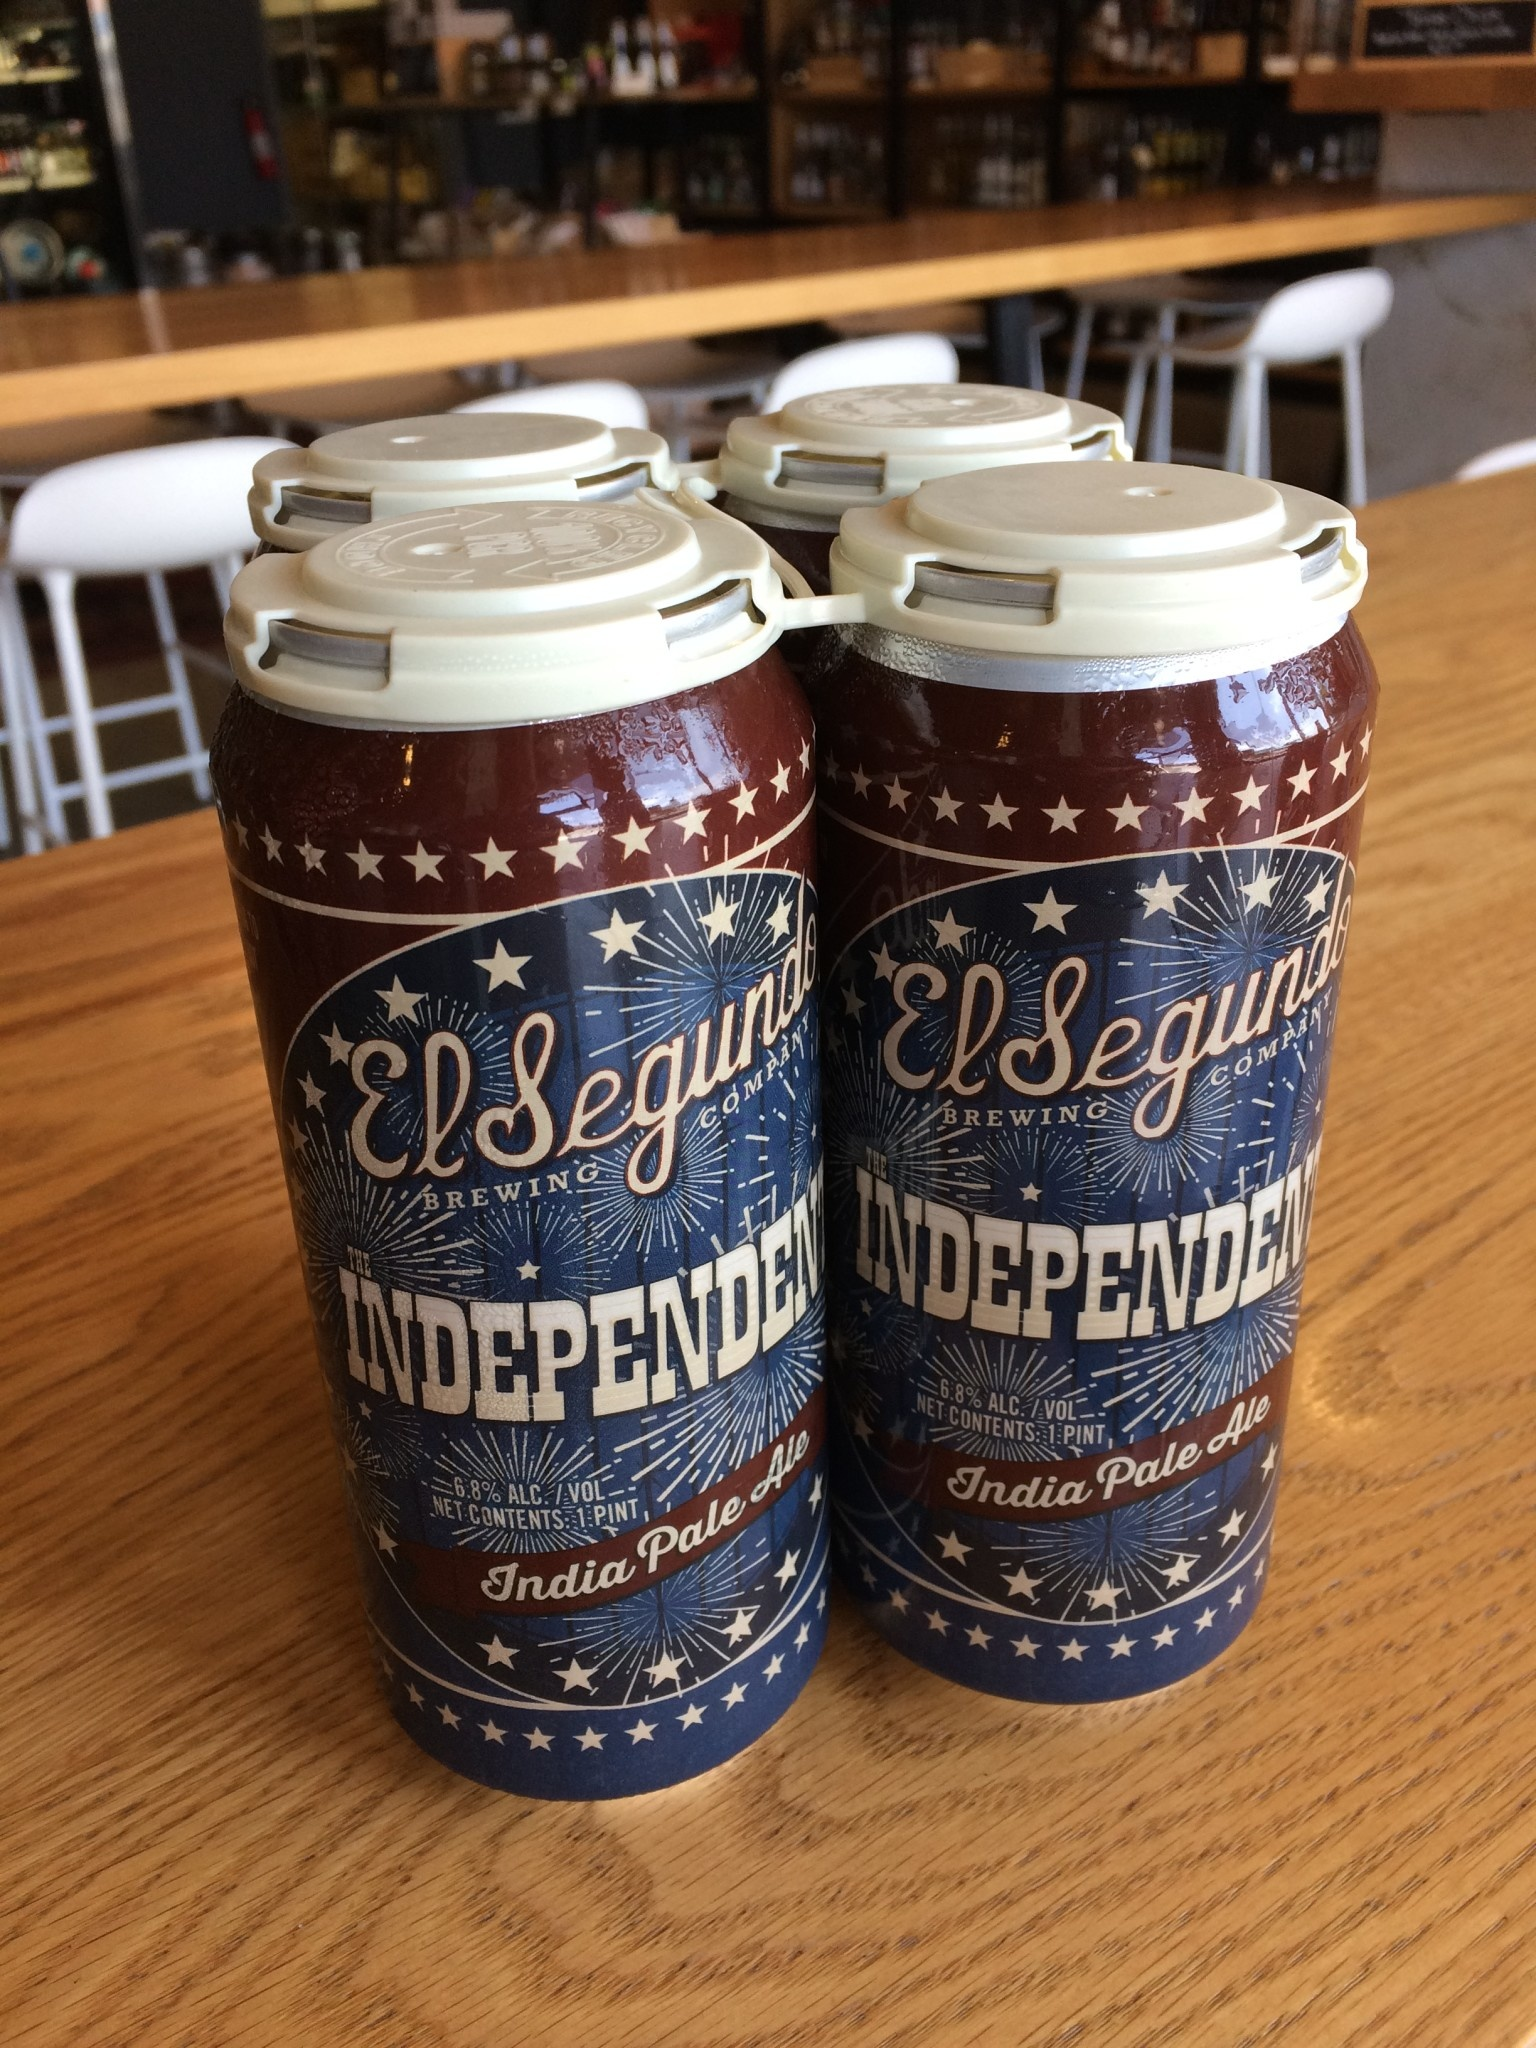 El Segundo Brewing Company El Segundo Brewing Co. The Independent IPA 16oz 4pk